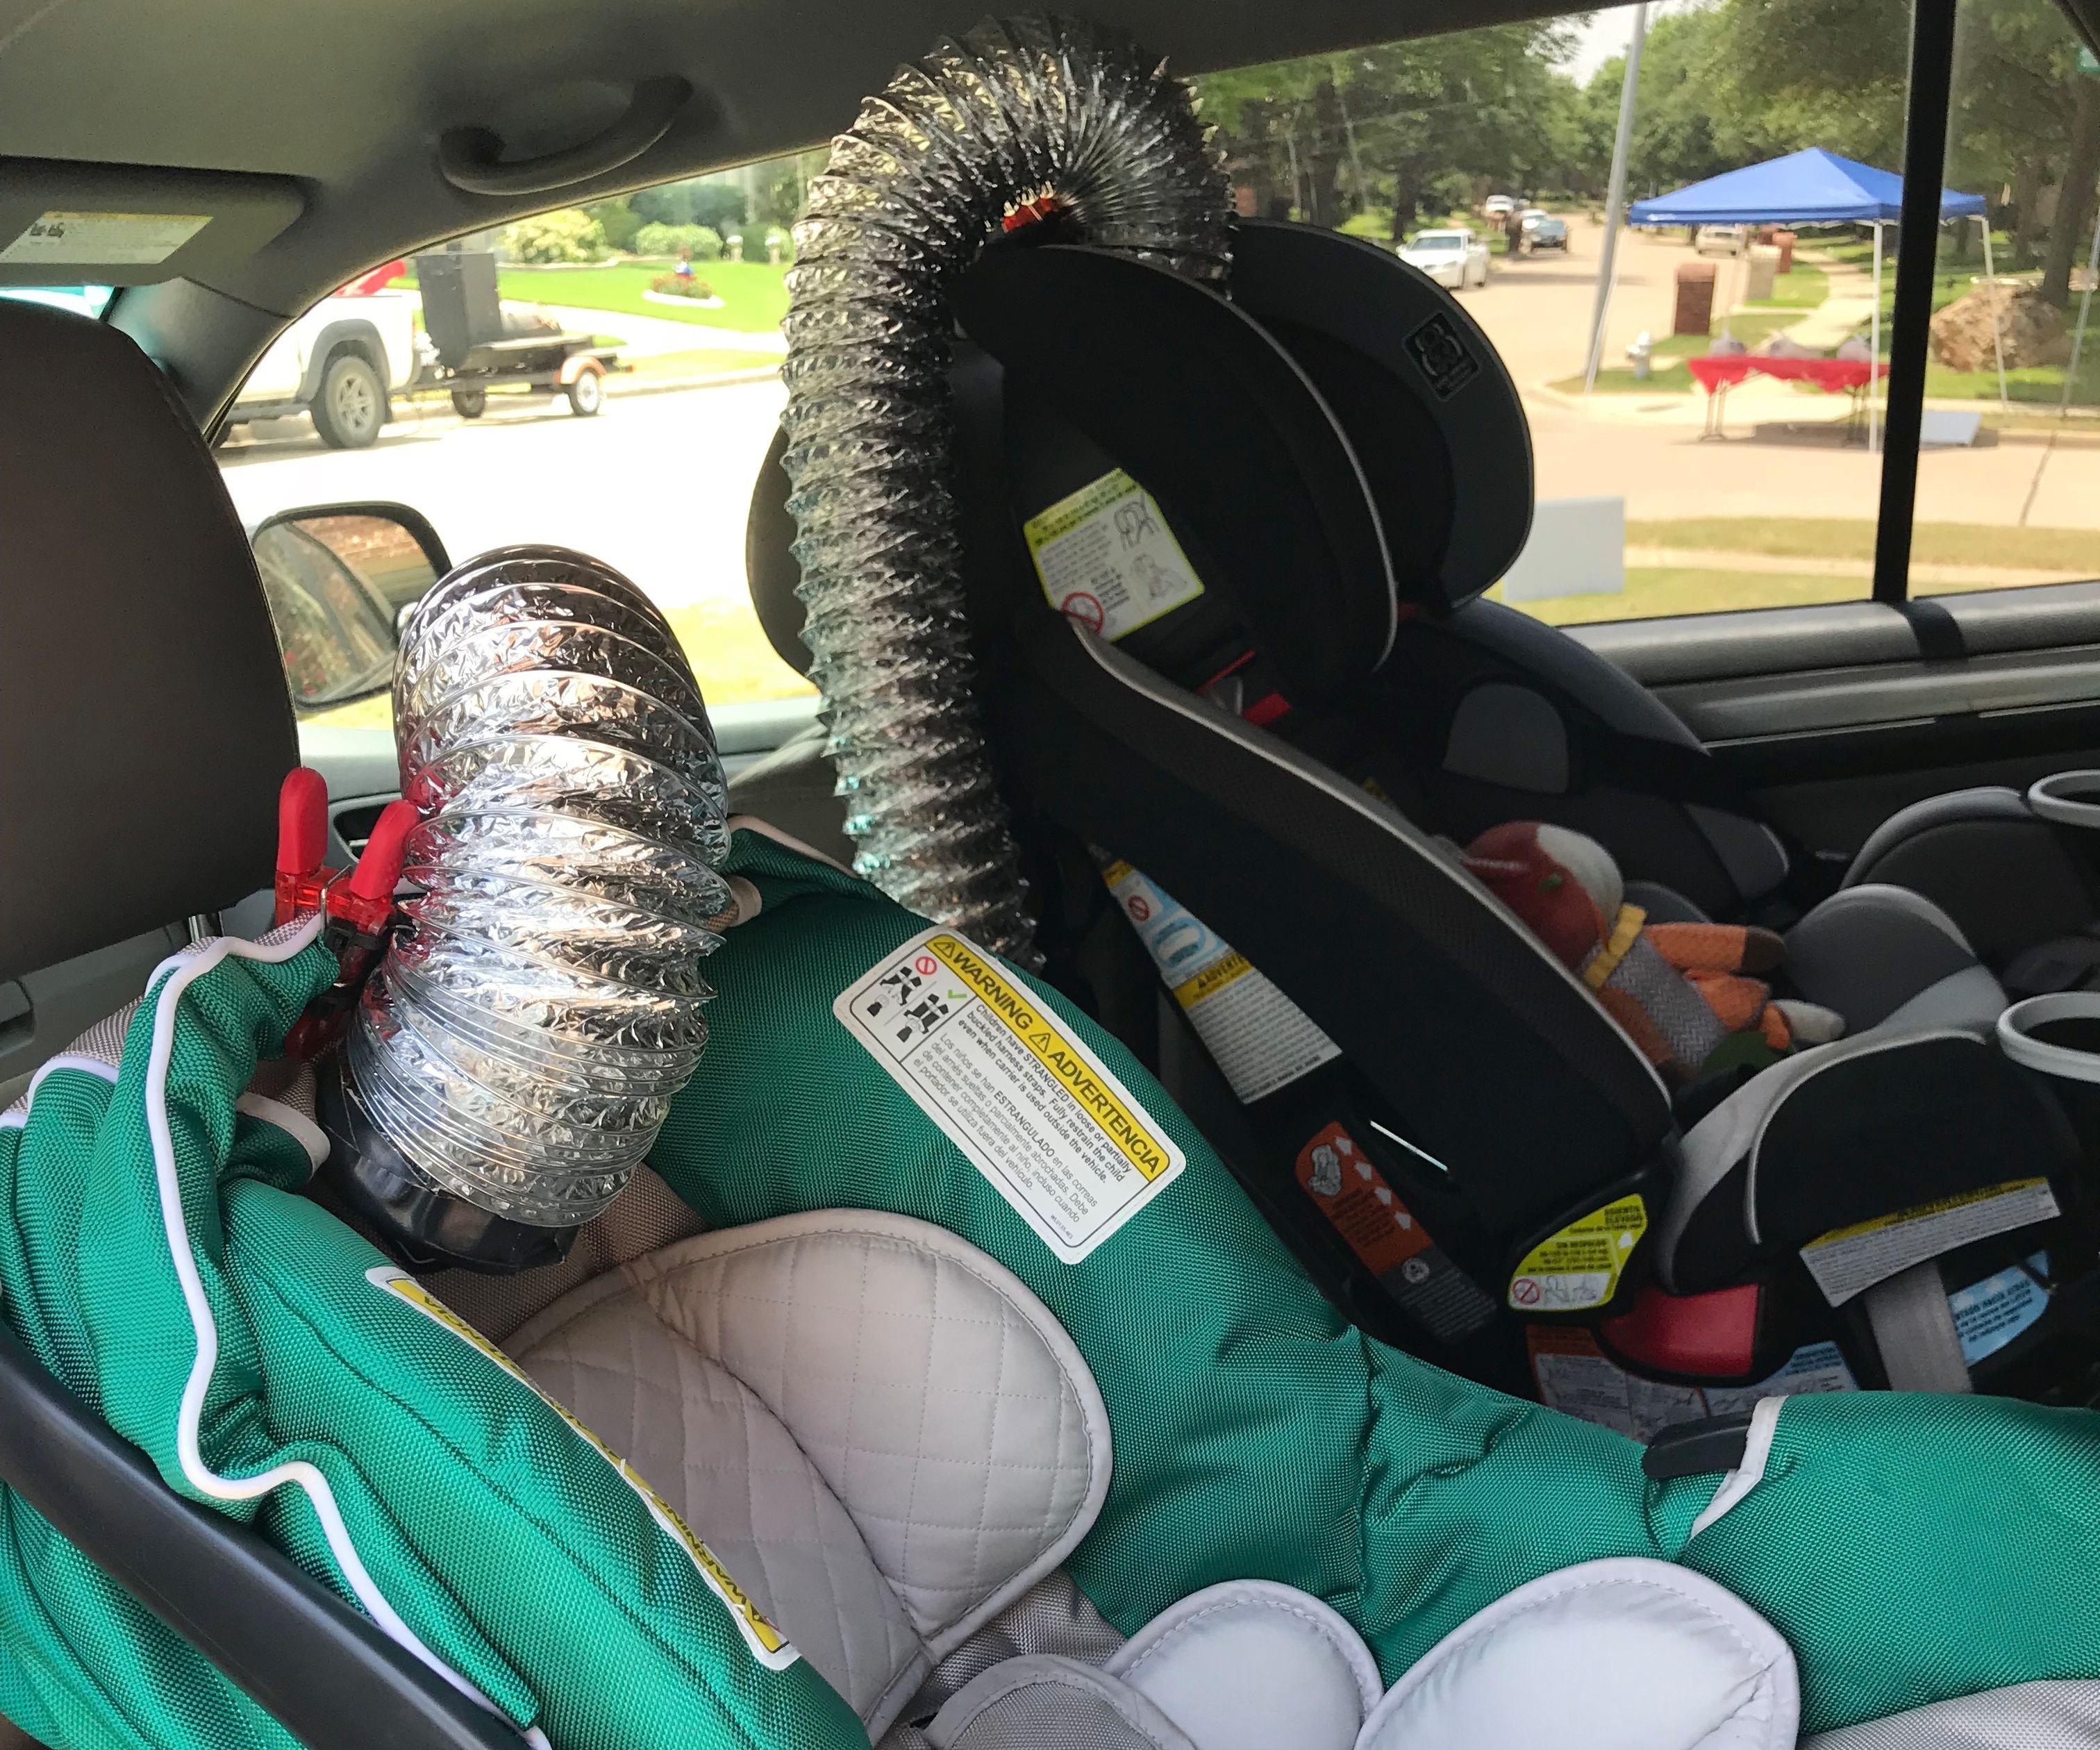 Child Car A/C Vent